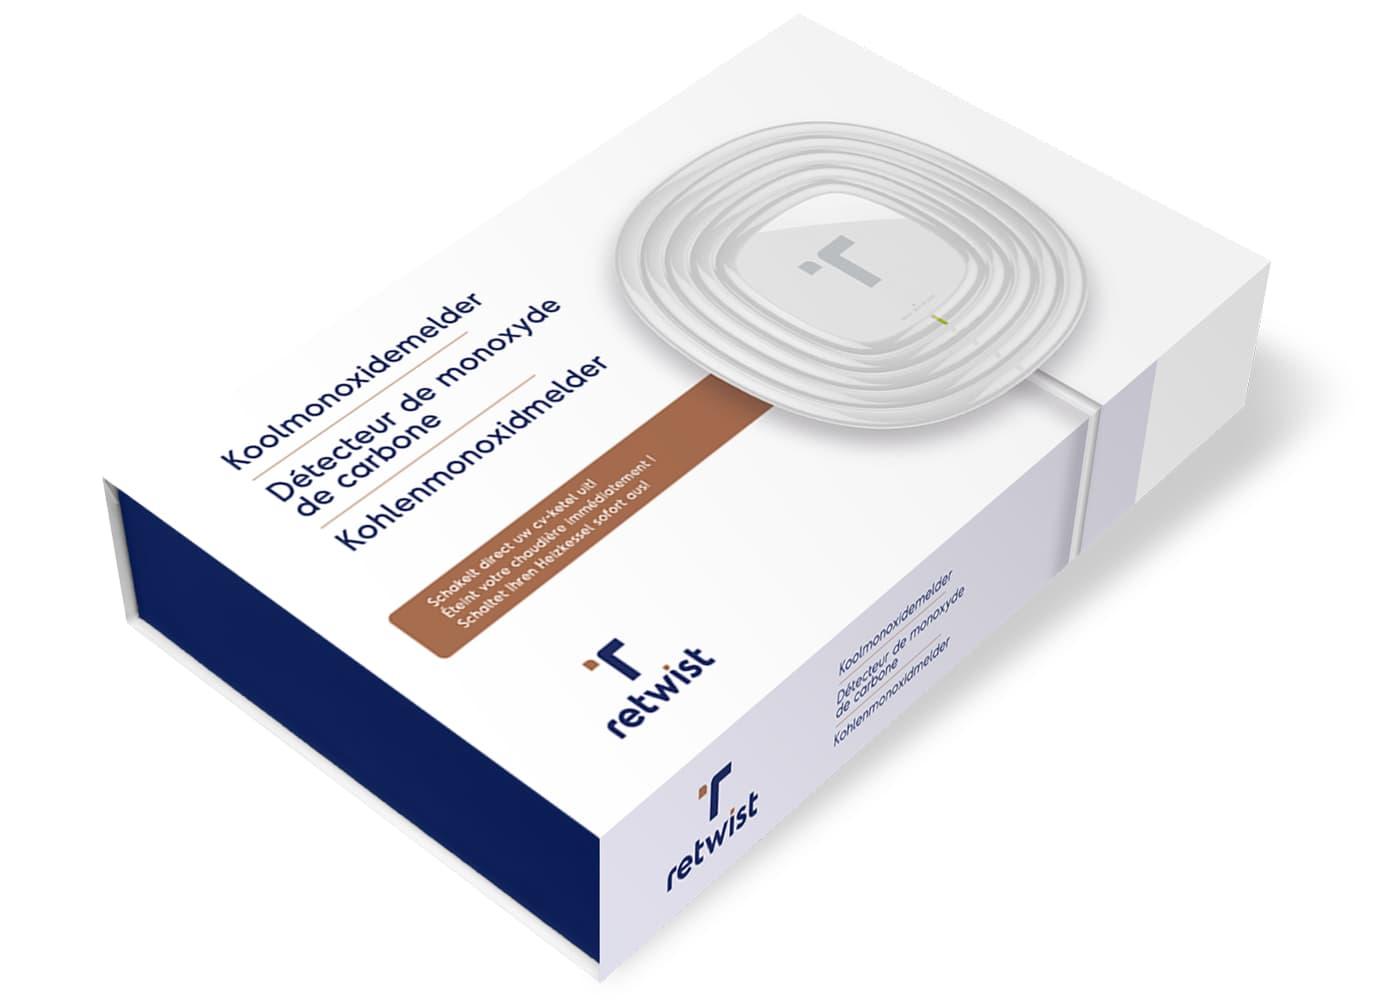 Koolomonoxidemelder 1